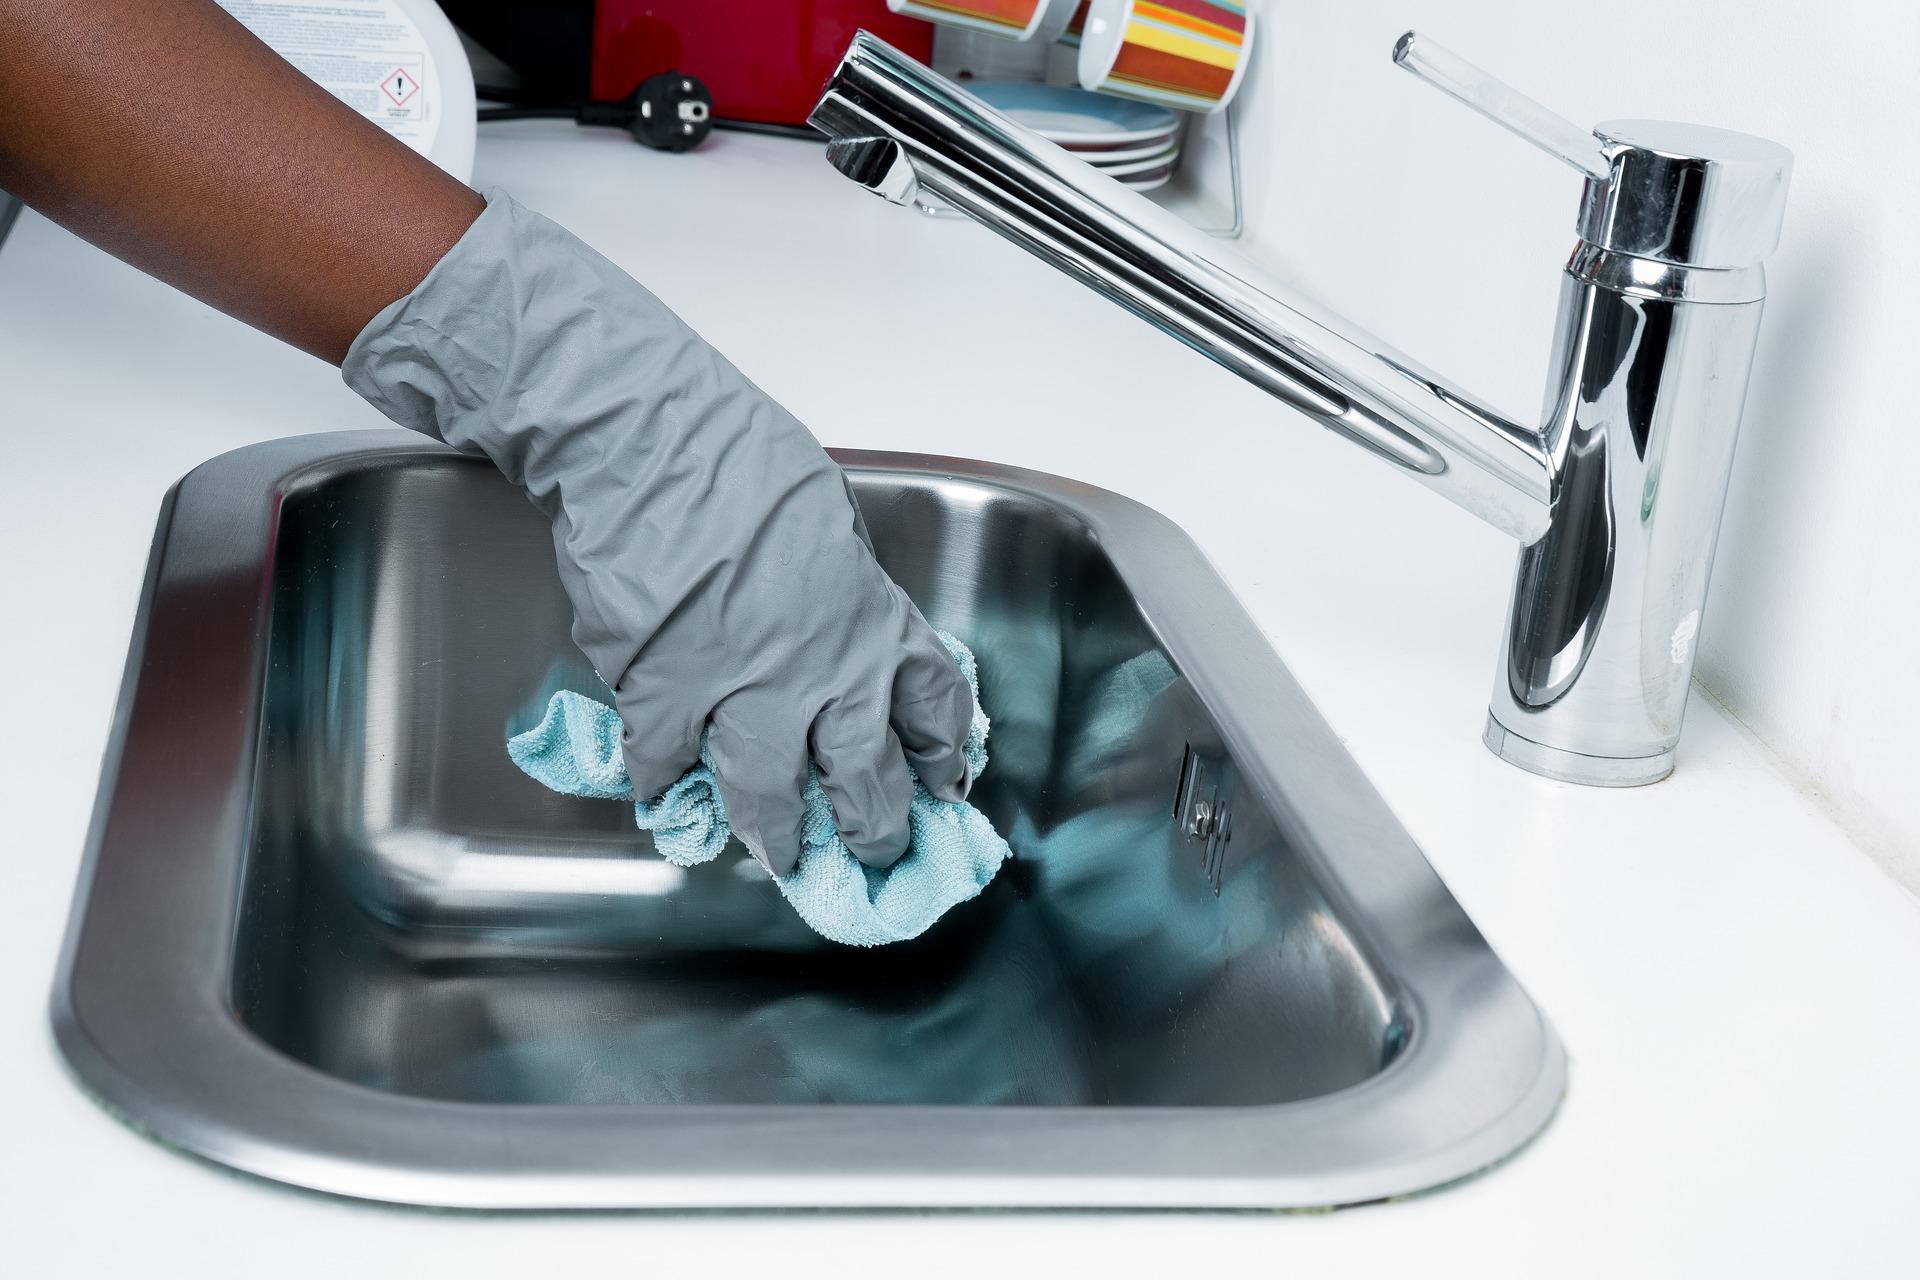 Domestic Services